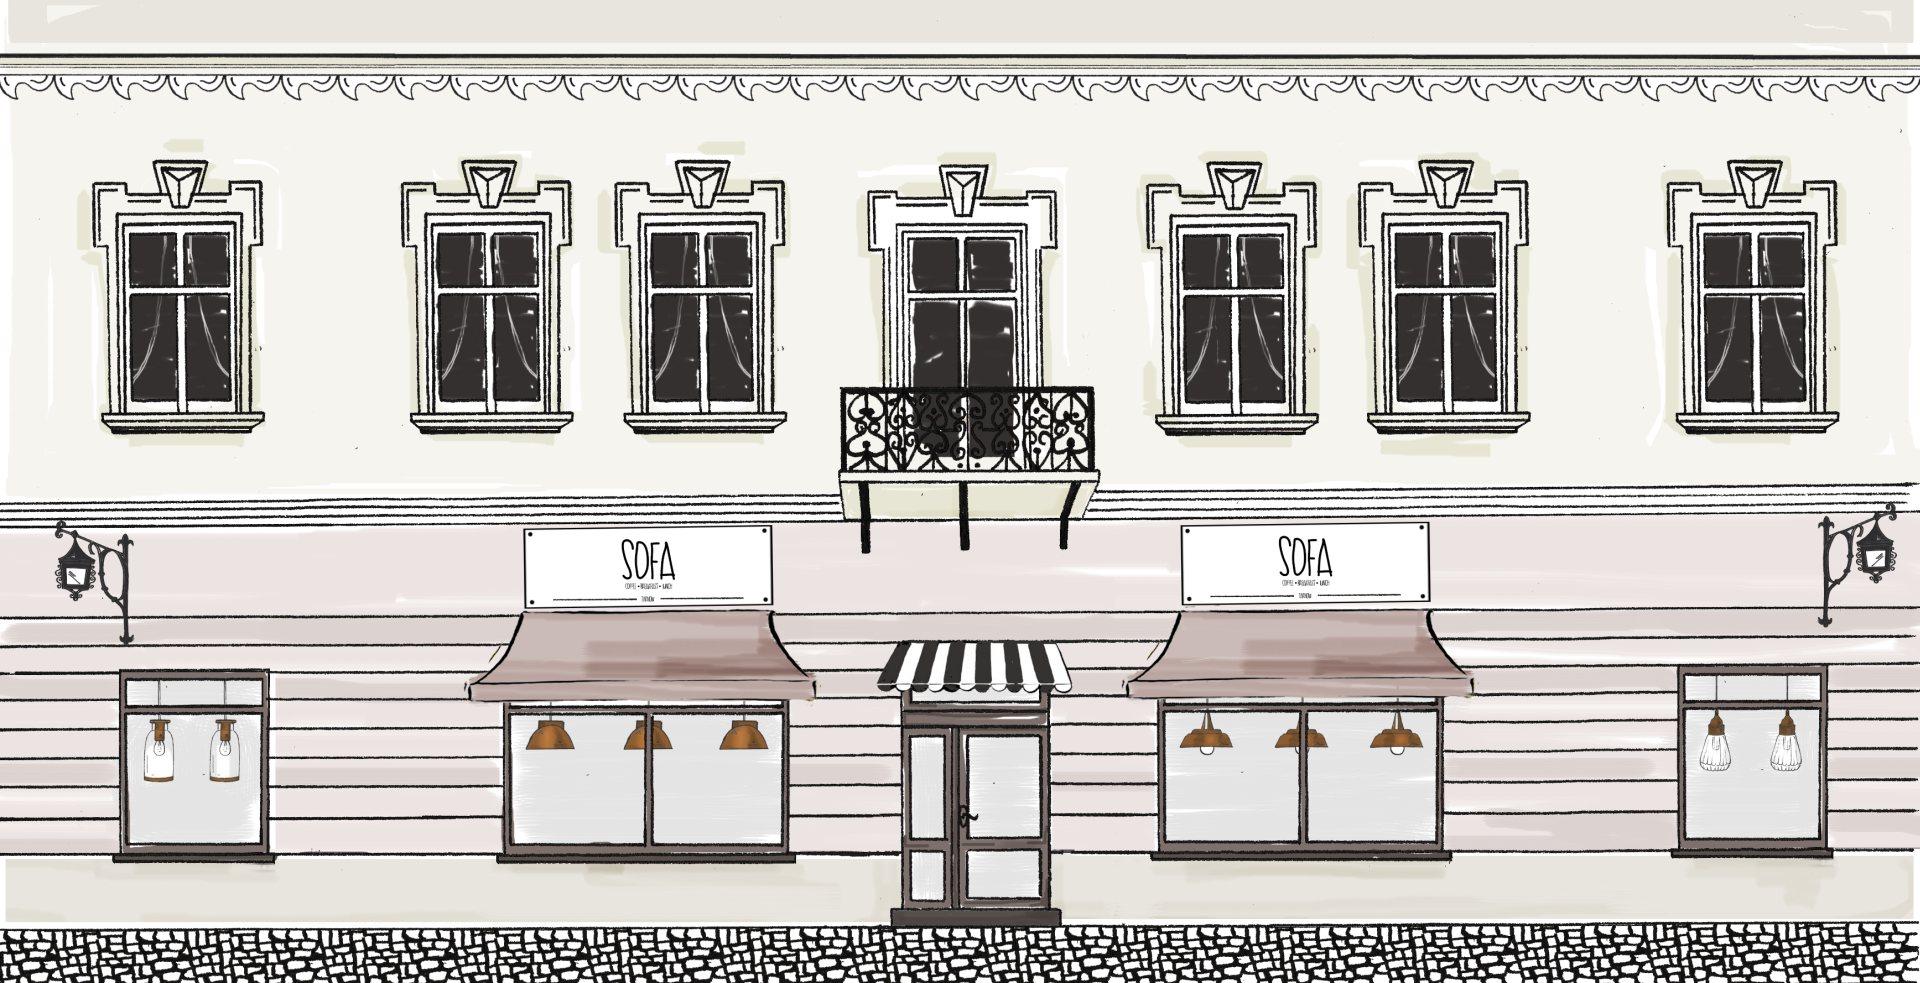 ilustracja budynku Sofa 1920px